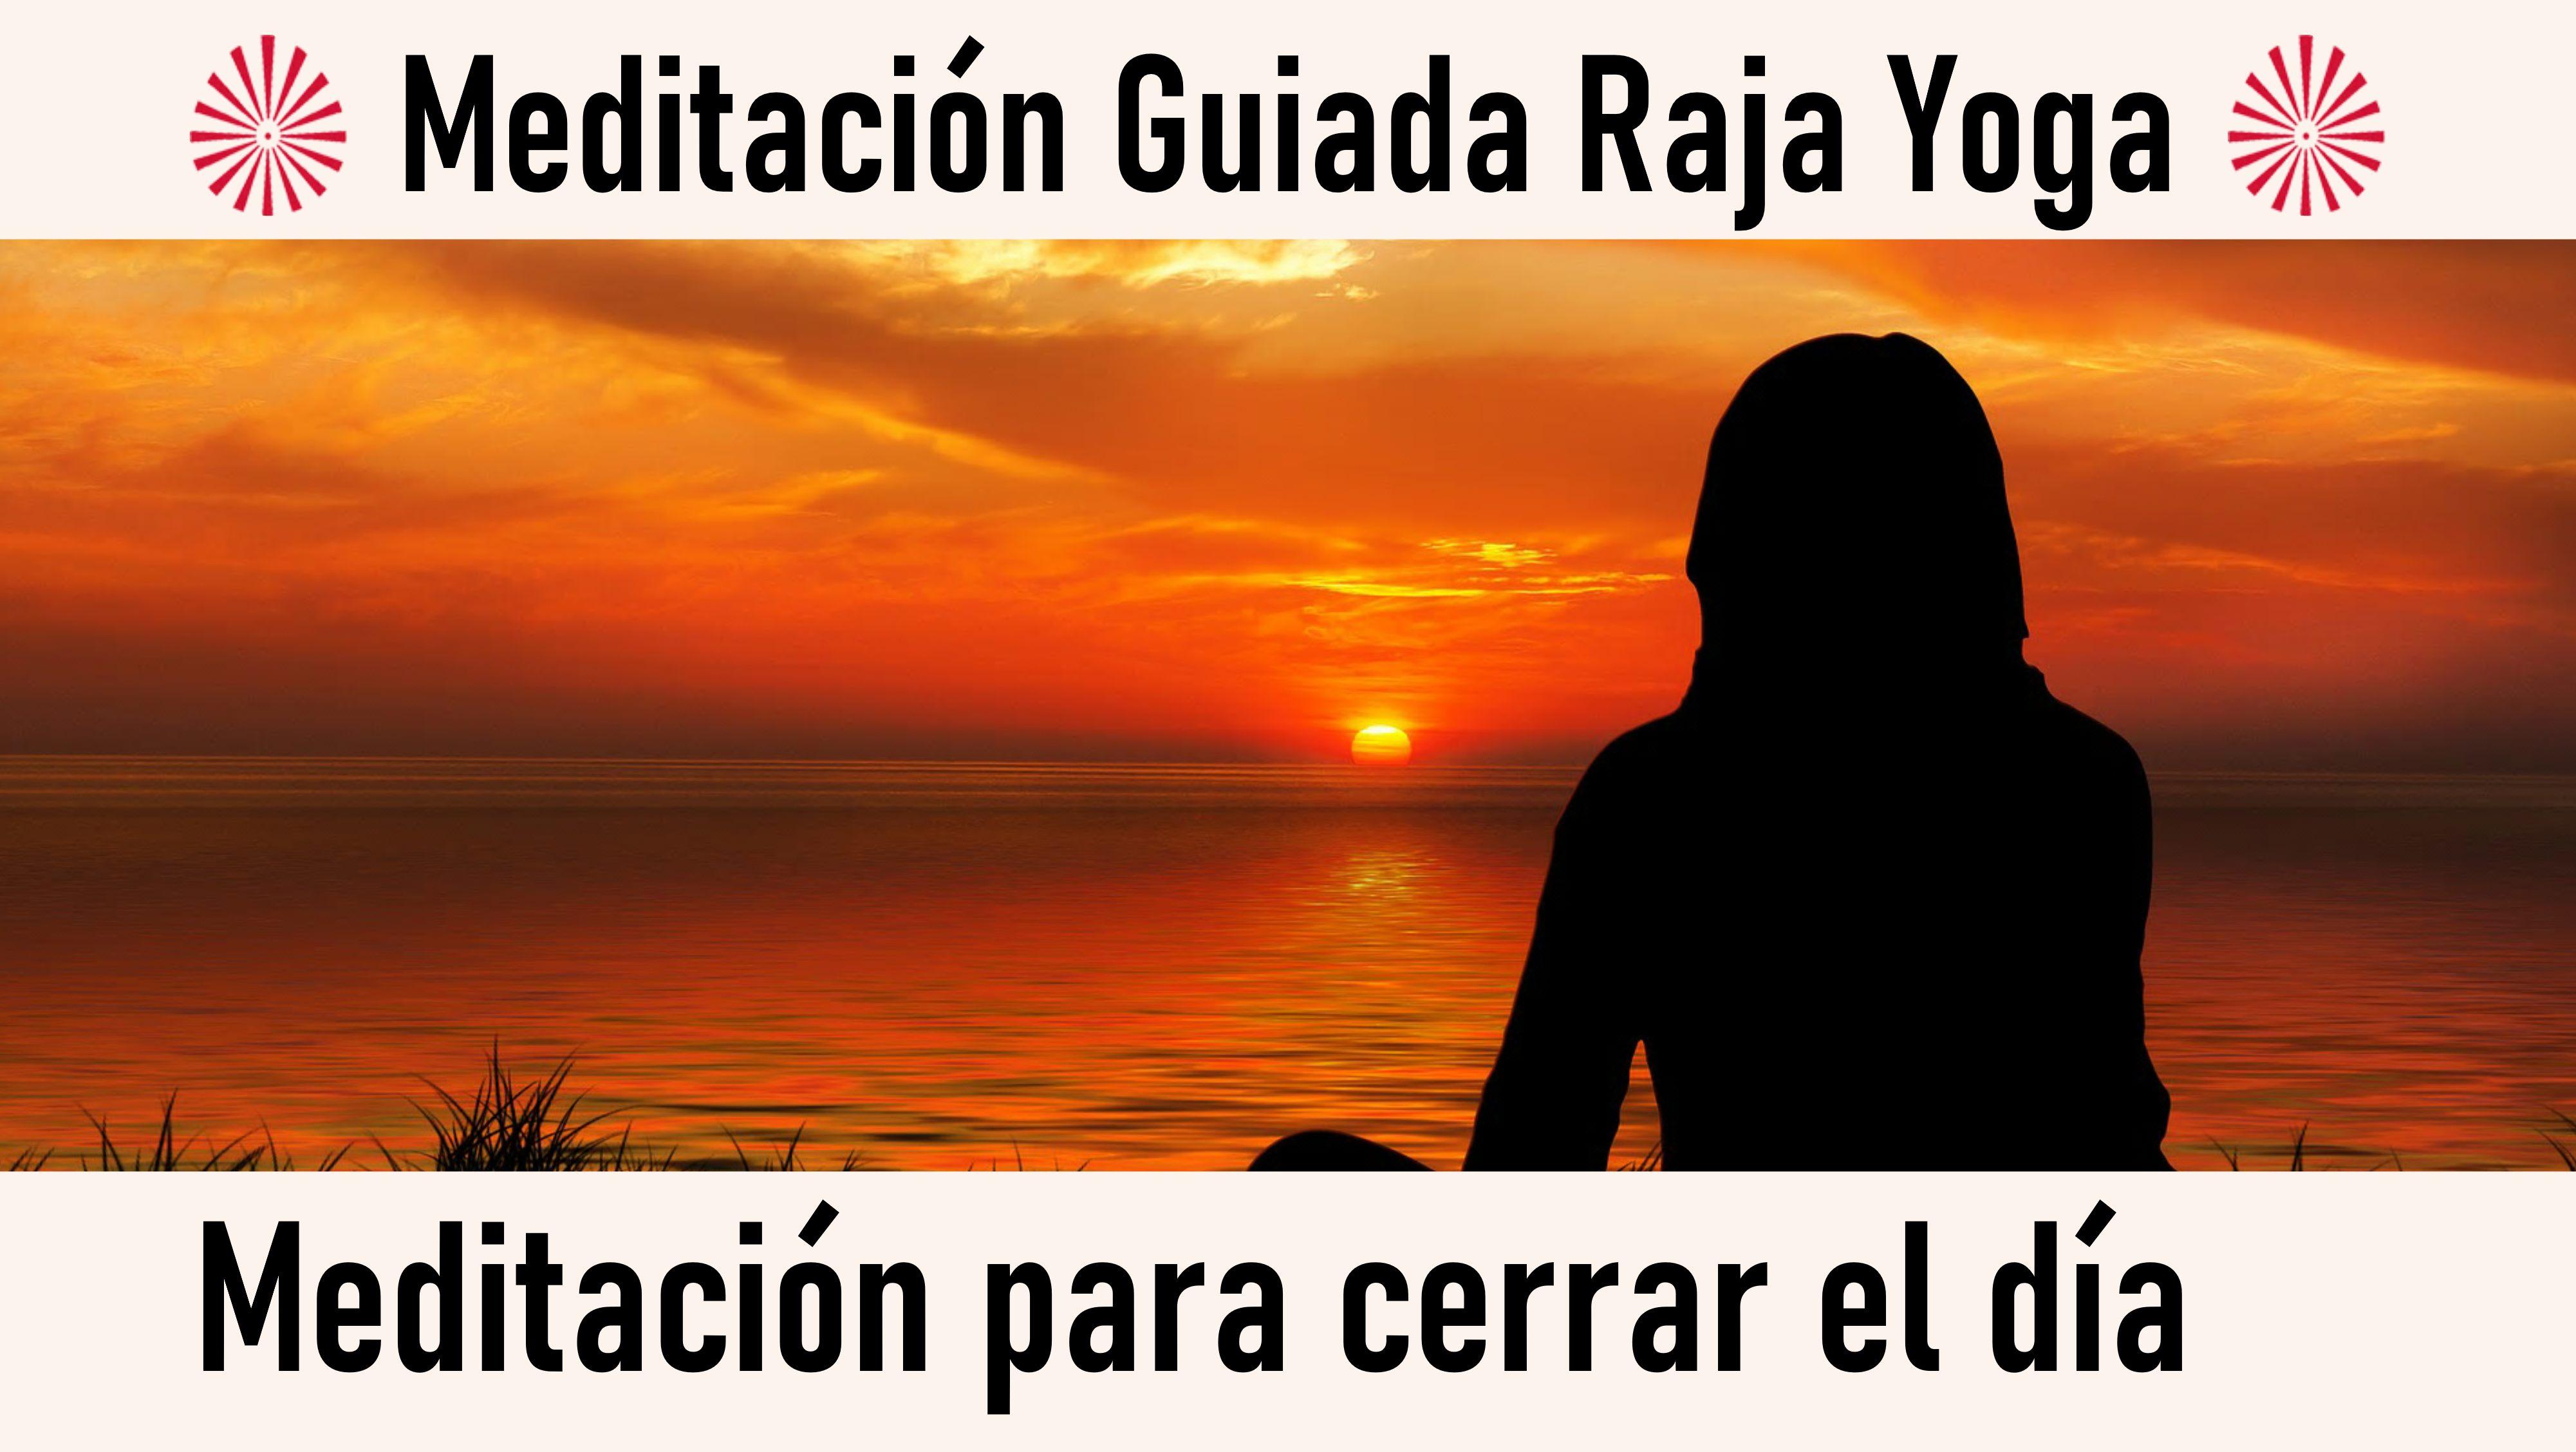 Meditación Raja Yoga: Meditación para cerrar el día (25 Septiembre 2020) On-line desde Madrid